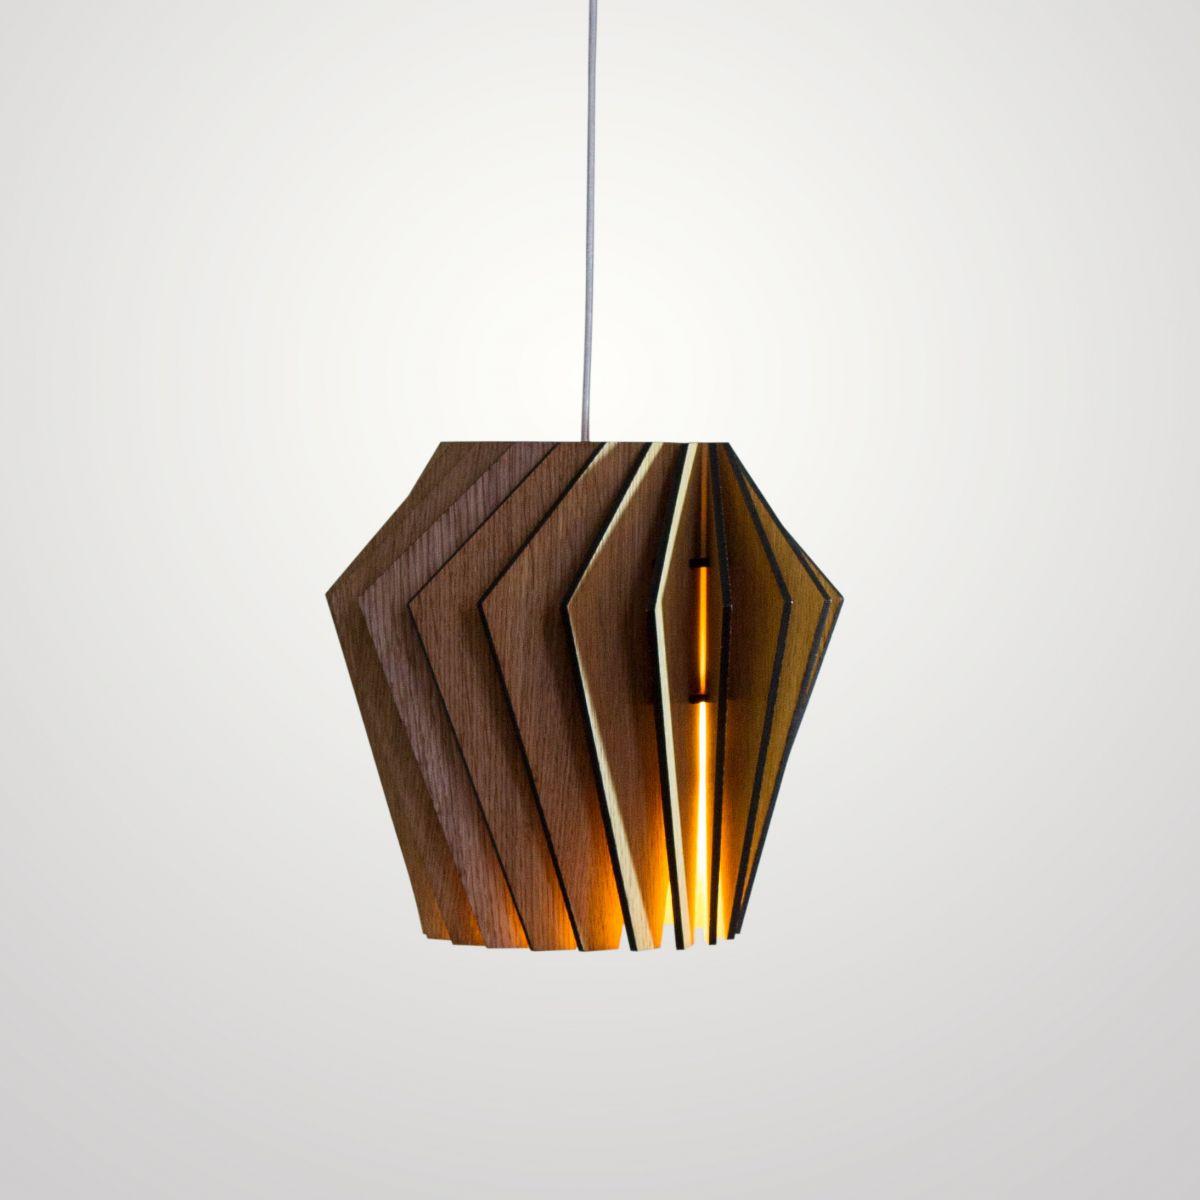 Турболампа из дуба, средняя - подвесной светильник